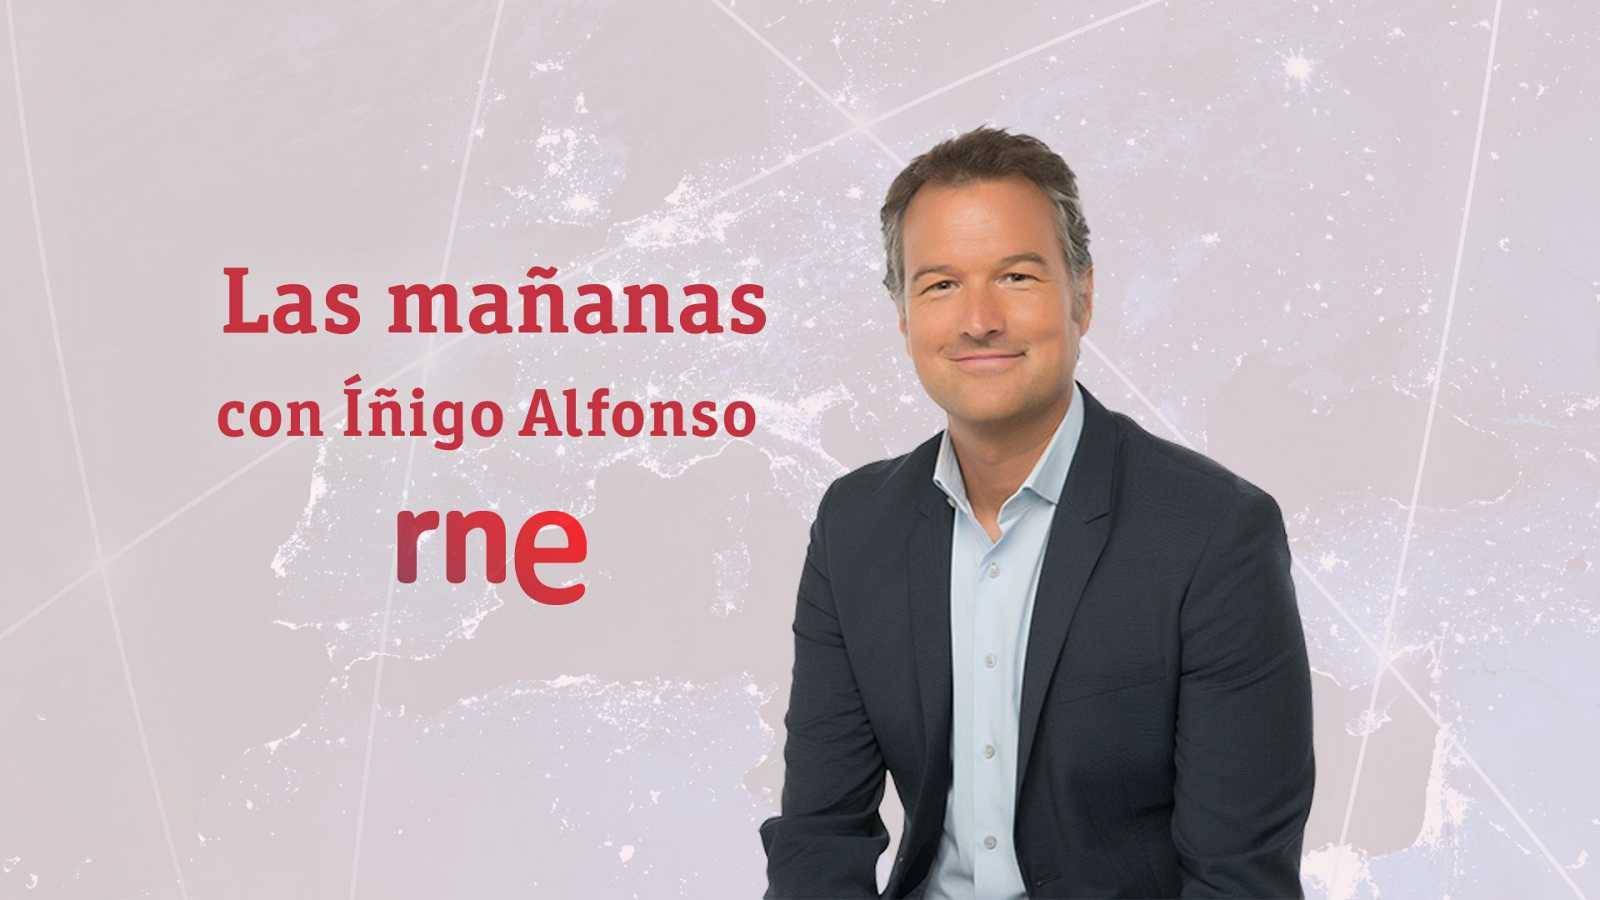 Las mañanas de RNE con Íñigo Alfonso - Primera hora - 27/10/20 - escuchar ahora